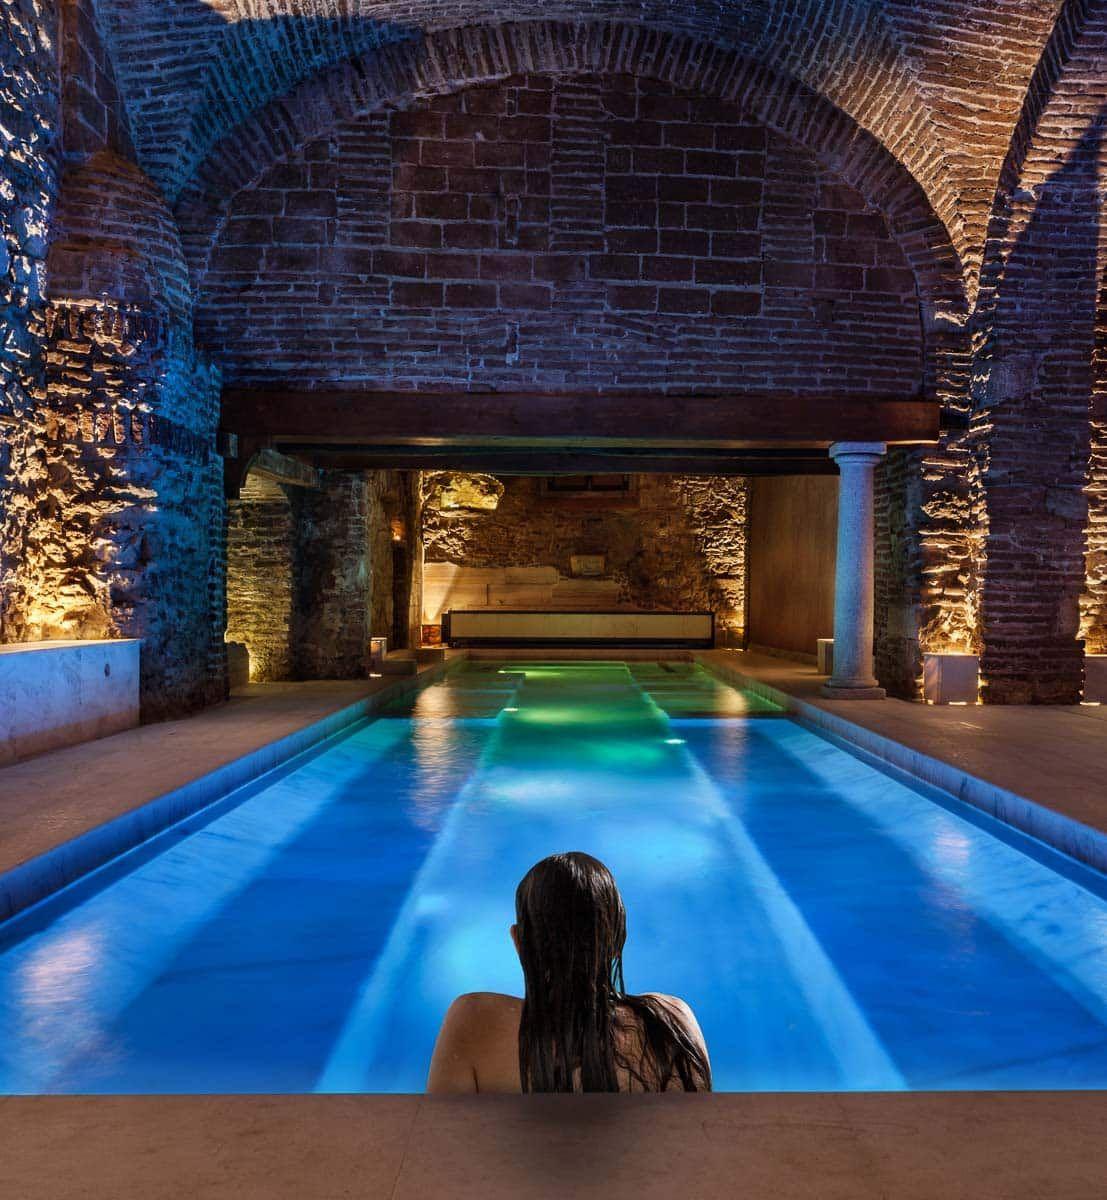 Roman Baths In Acqua Veritas Spa Roman Baths Thermal Spa Spa